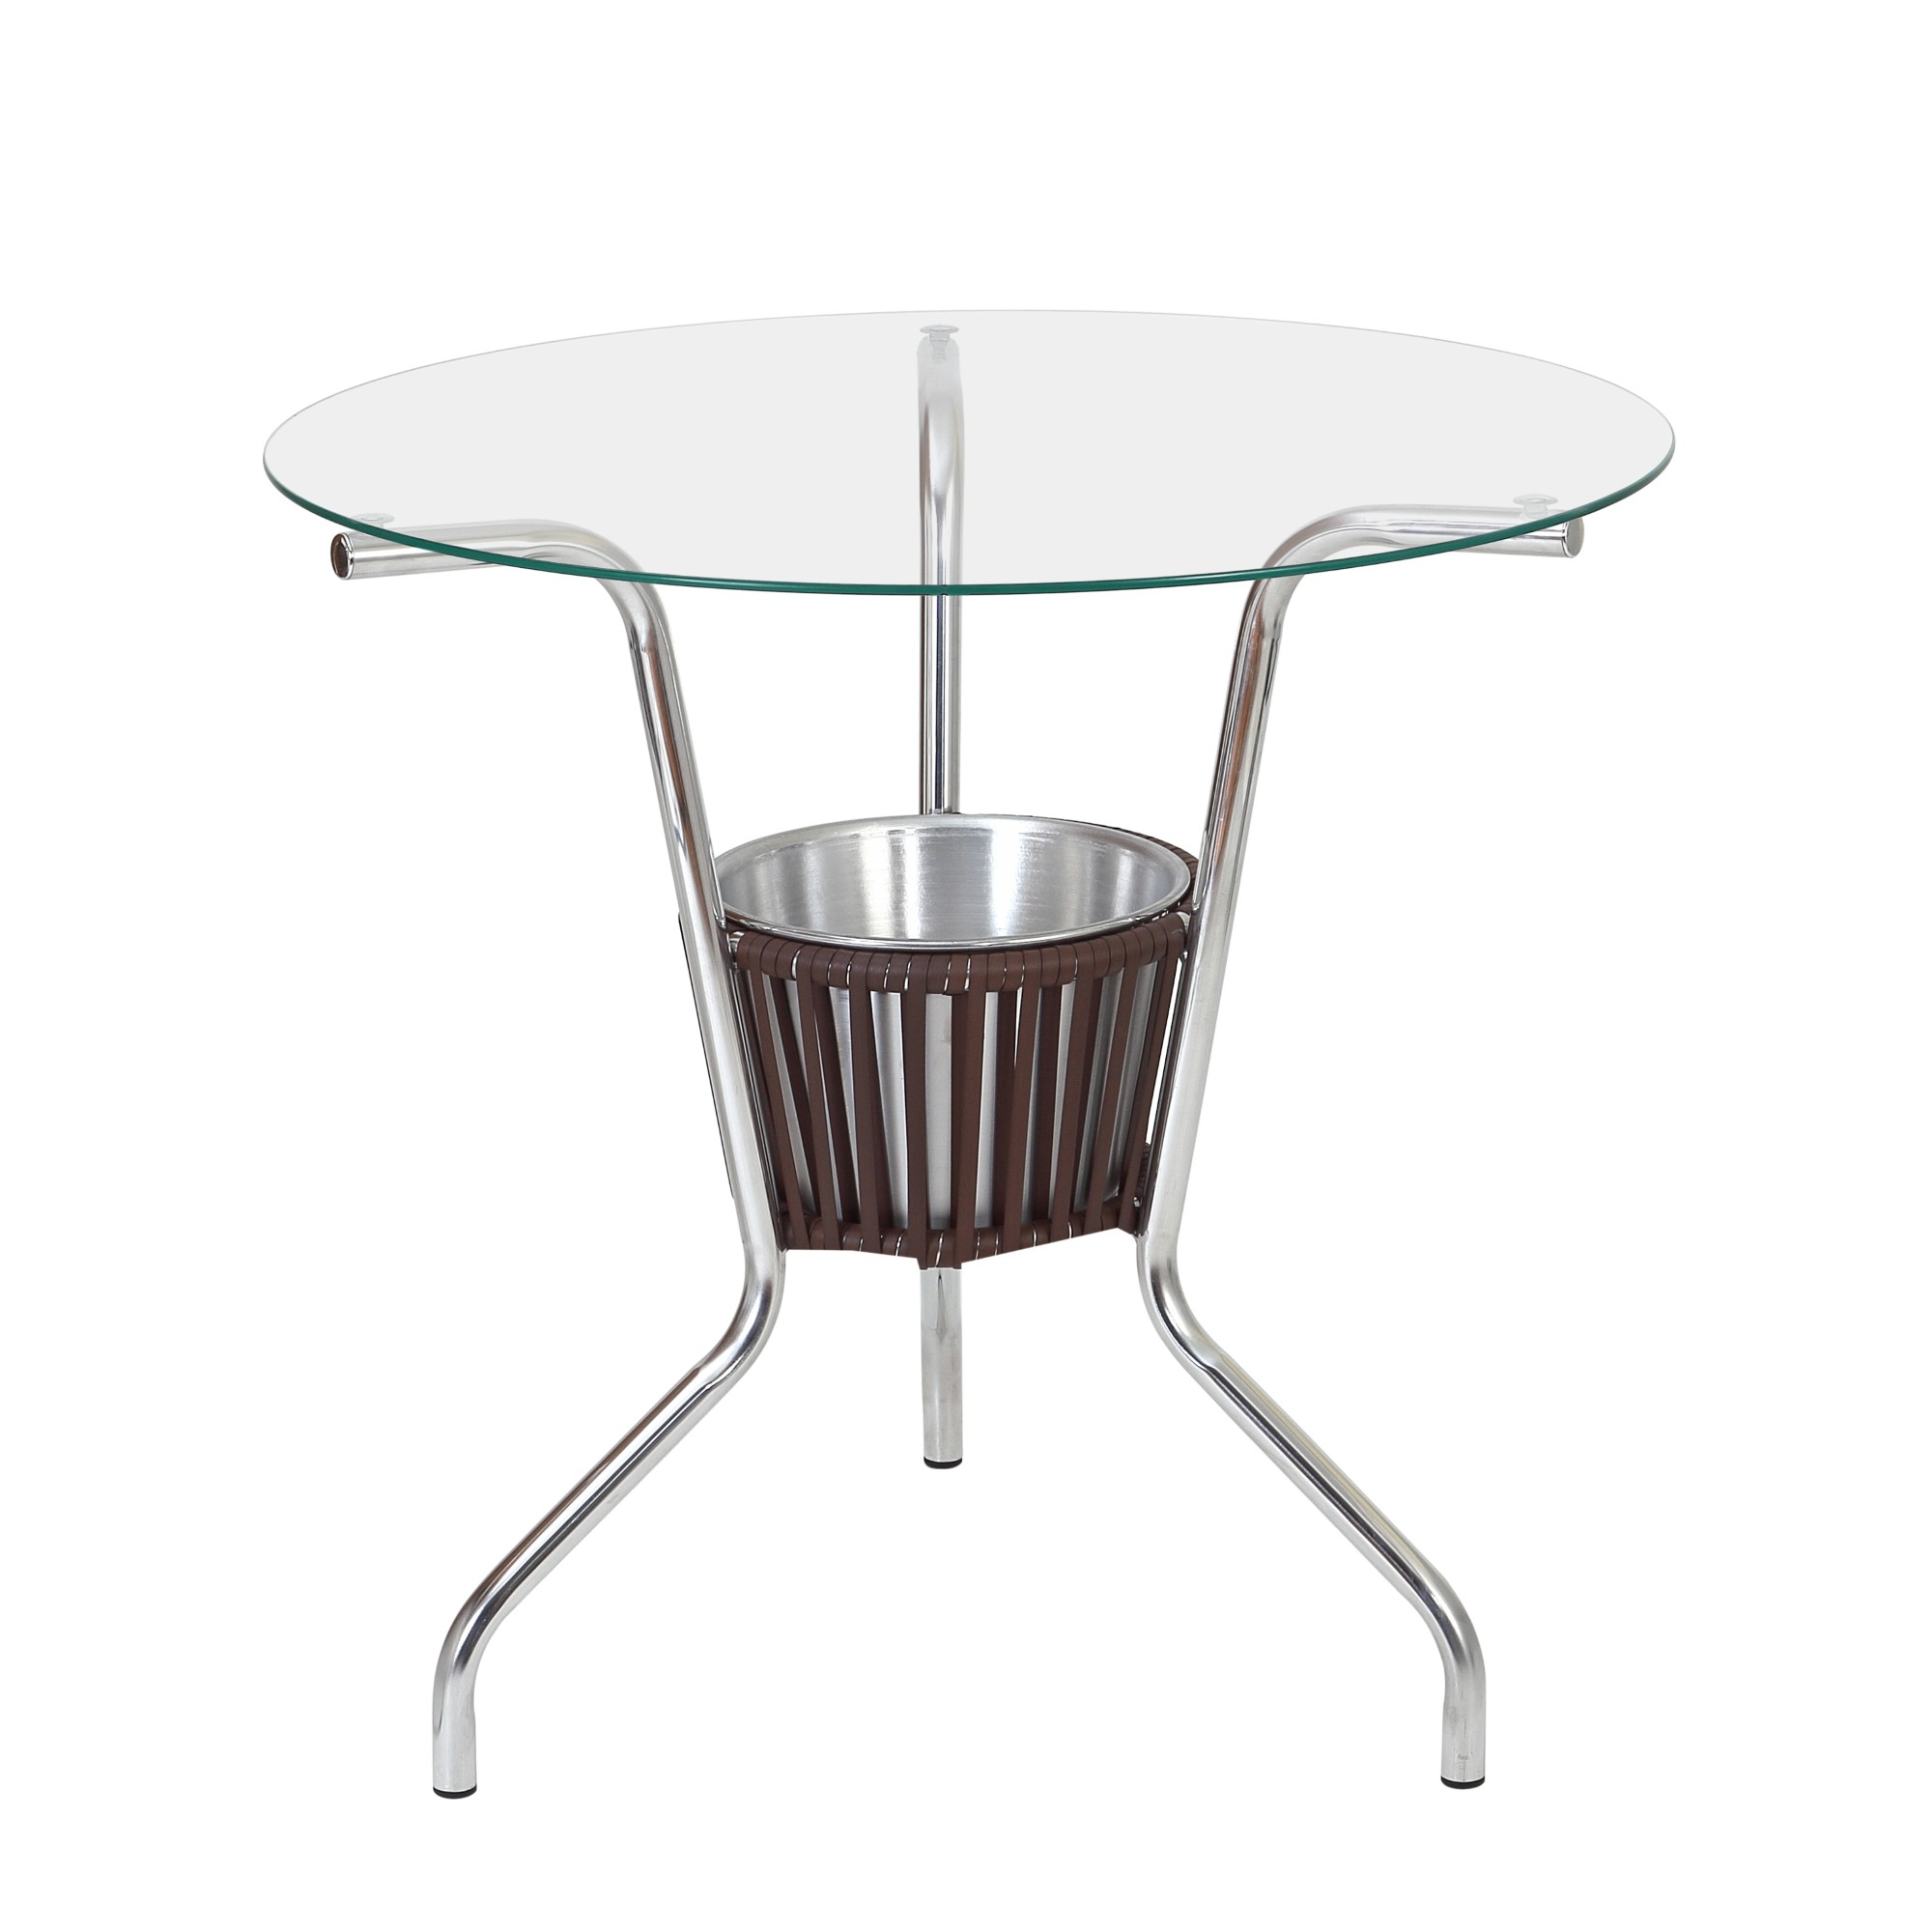 Mesa Bar Aluminio e Vidro 70cm com Balde Castanho - Alegro